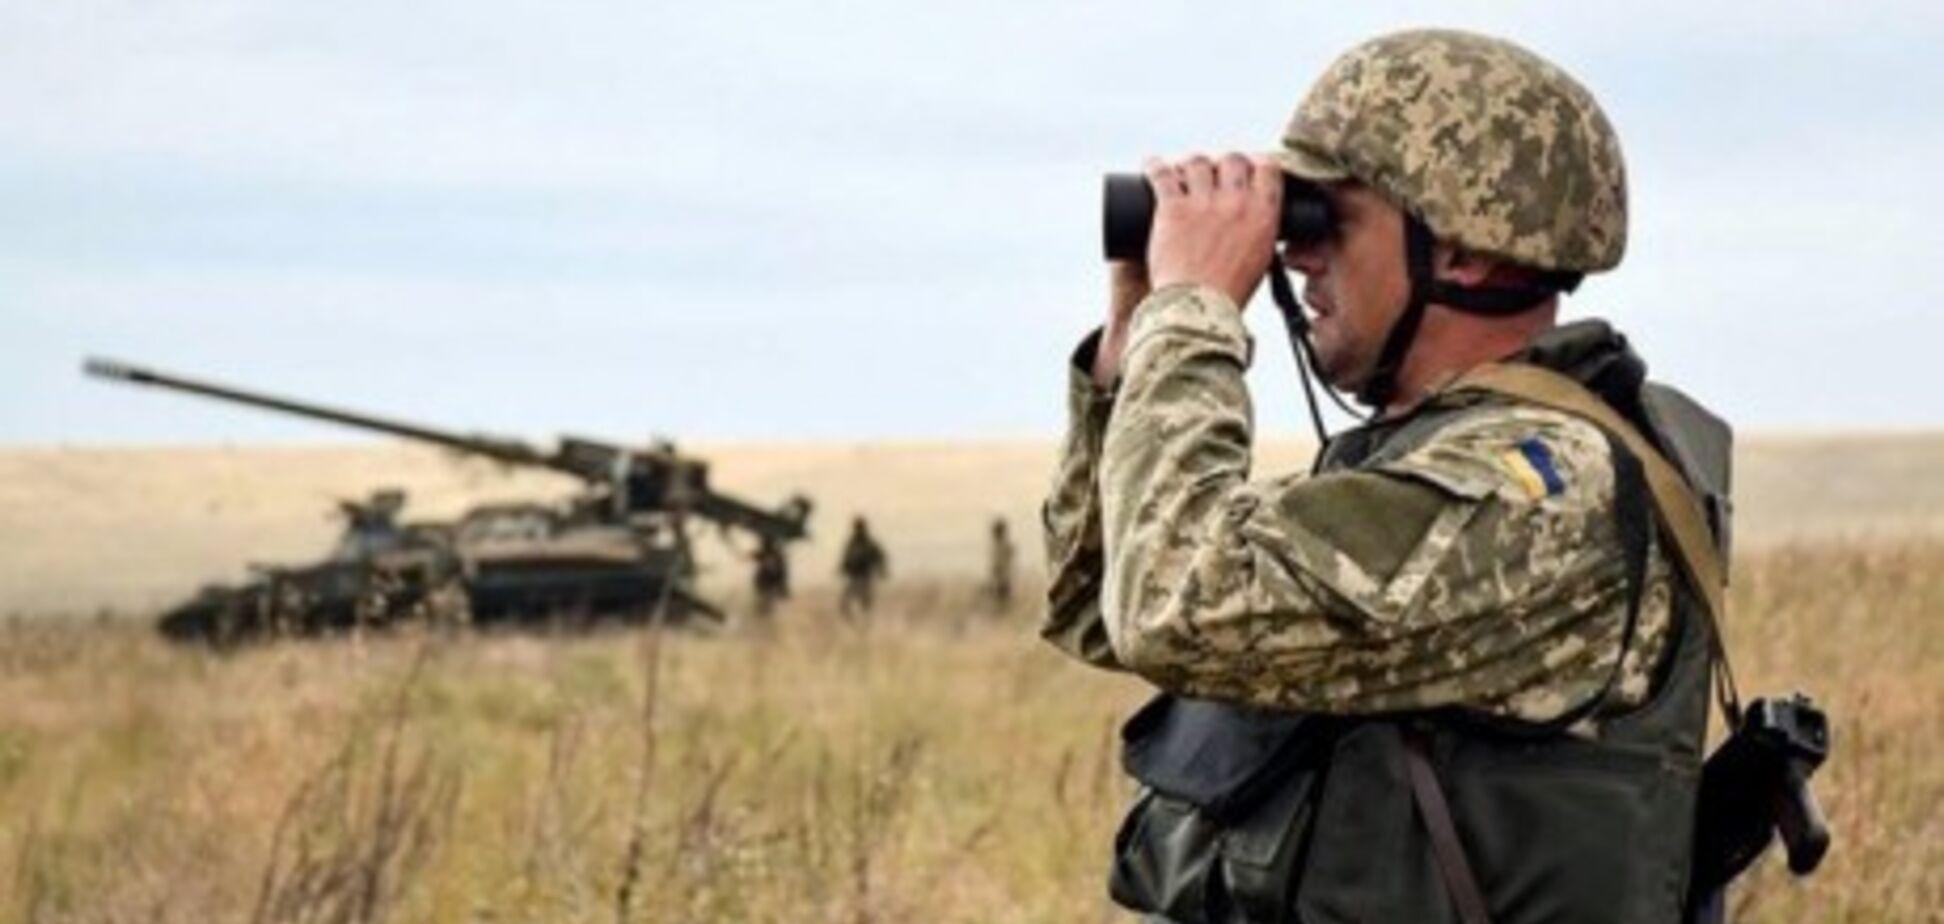 Российские наемники понесли масштабные потери на Донбассе: в ООС назвали цифры